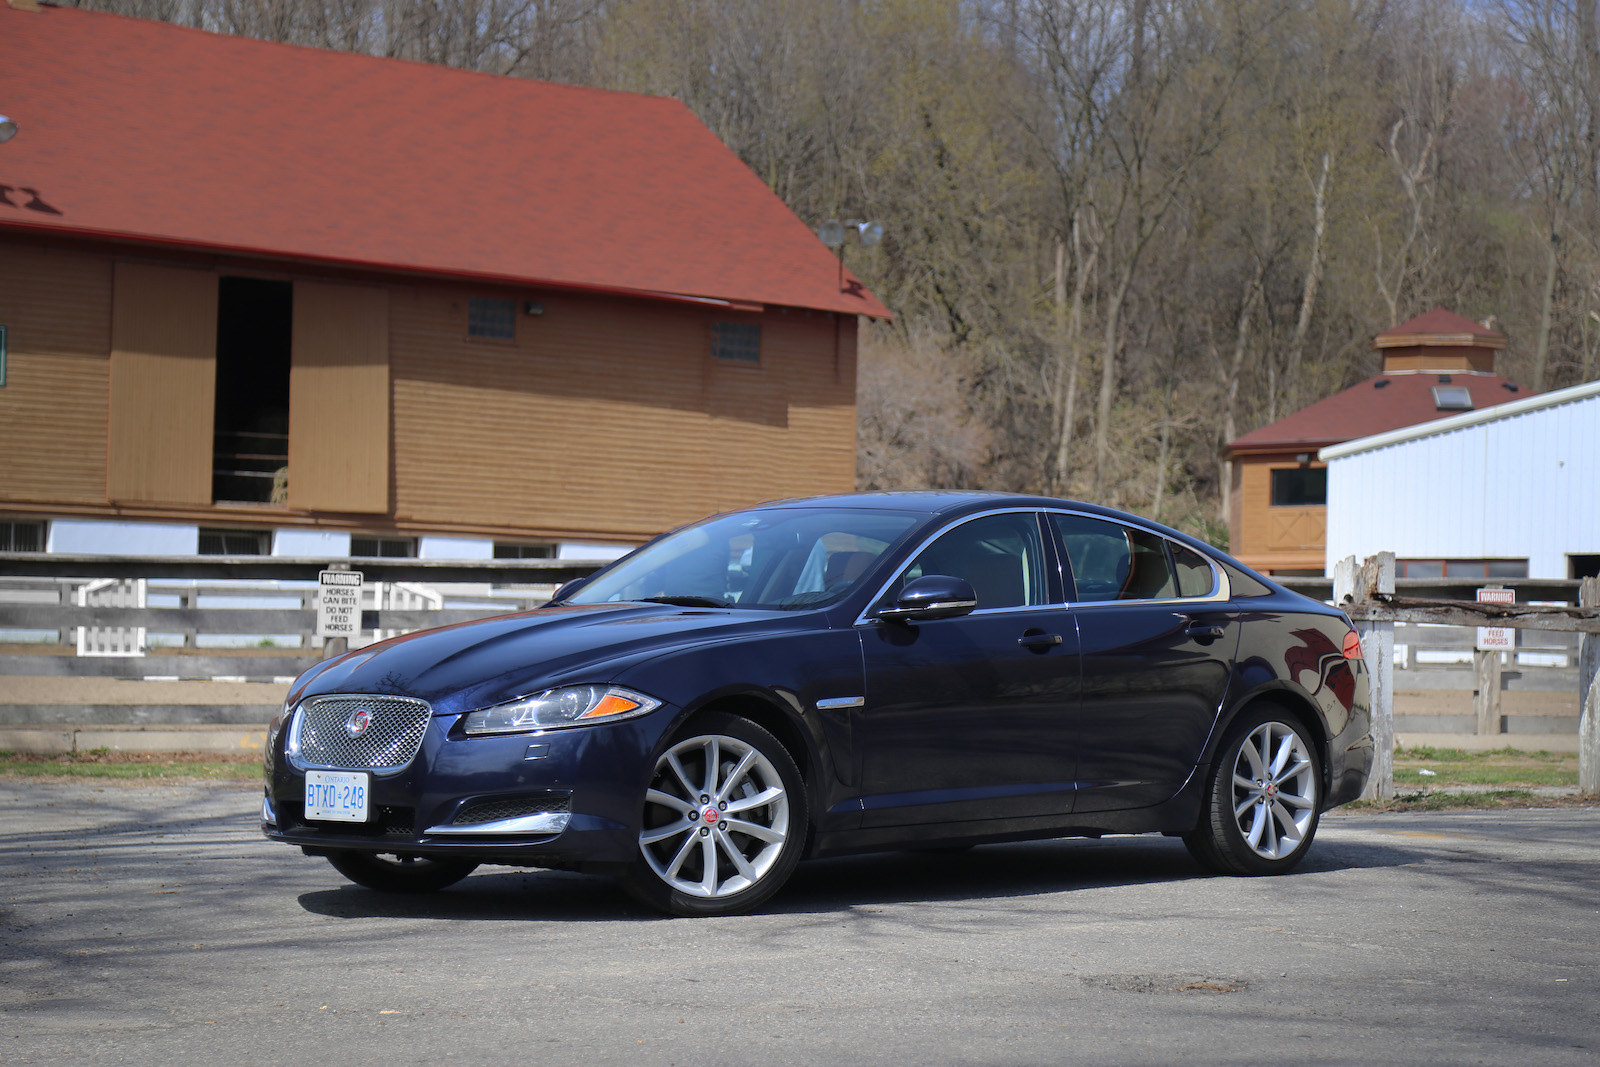 Review Jaguar XF Canadian Auto Review - 2015 jaguar